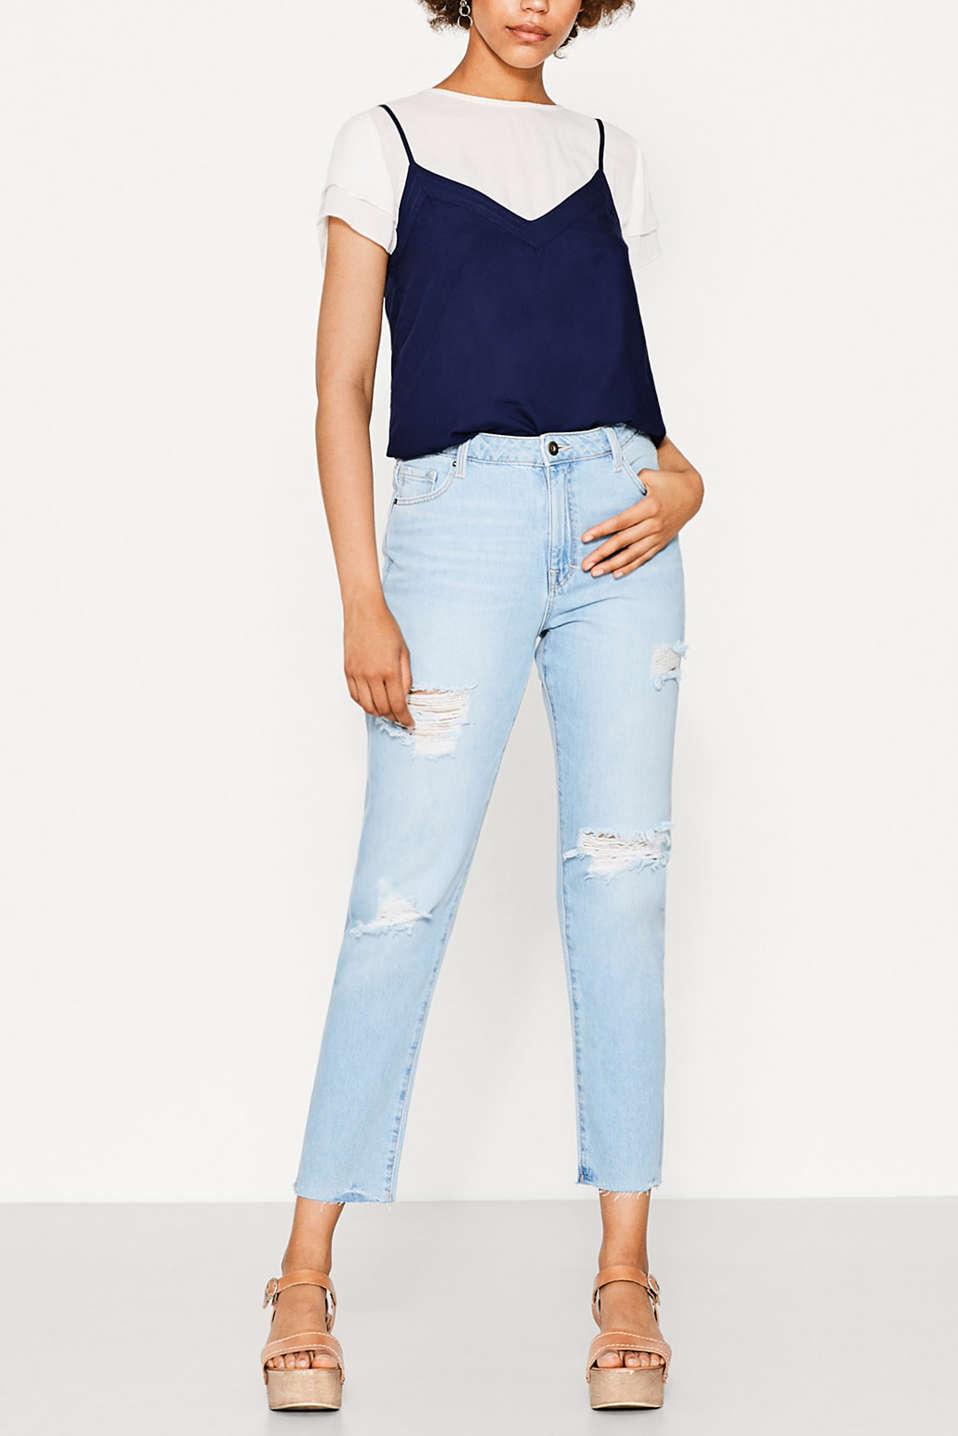 edc 5 pocket jeans im destroyed look im online shop kaufen. Black Bedroom Furniture Sets. Home Design Ideas